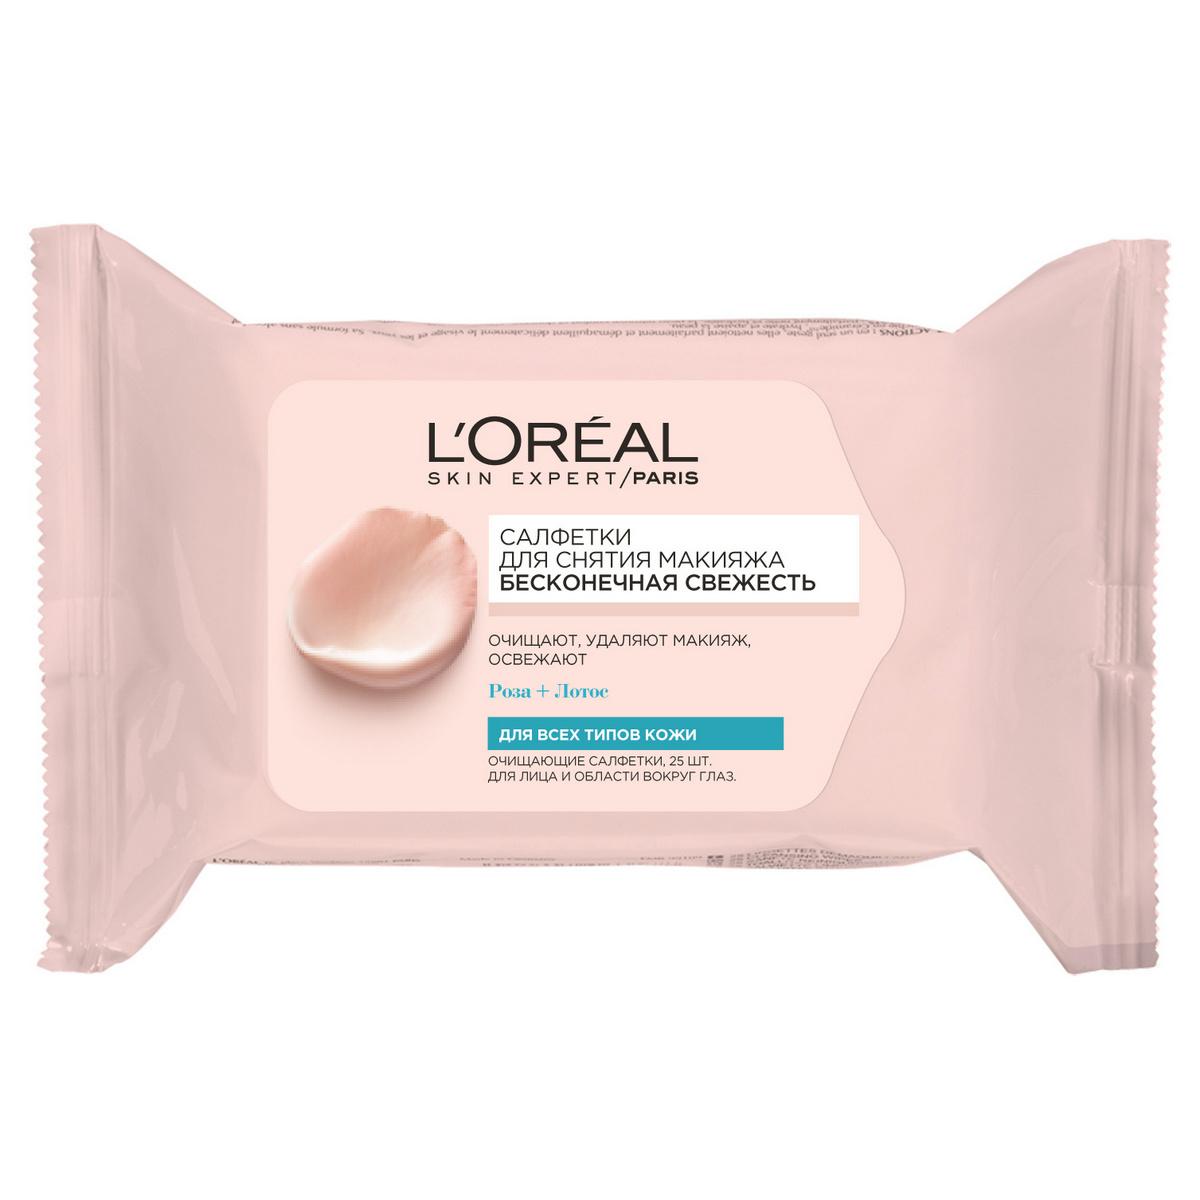 Салфетки для снятия макияжа L'Oreal Paris Бесконечная